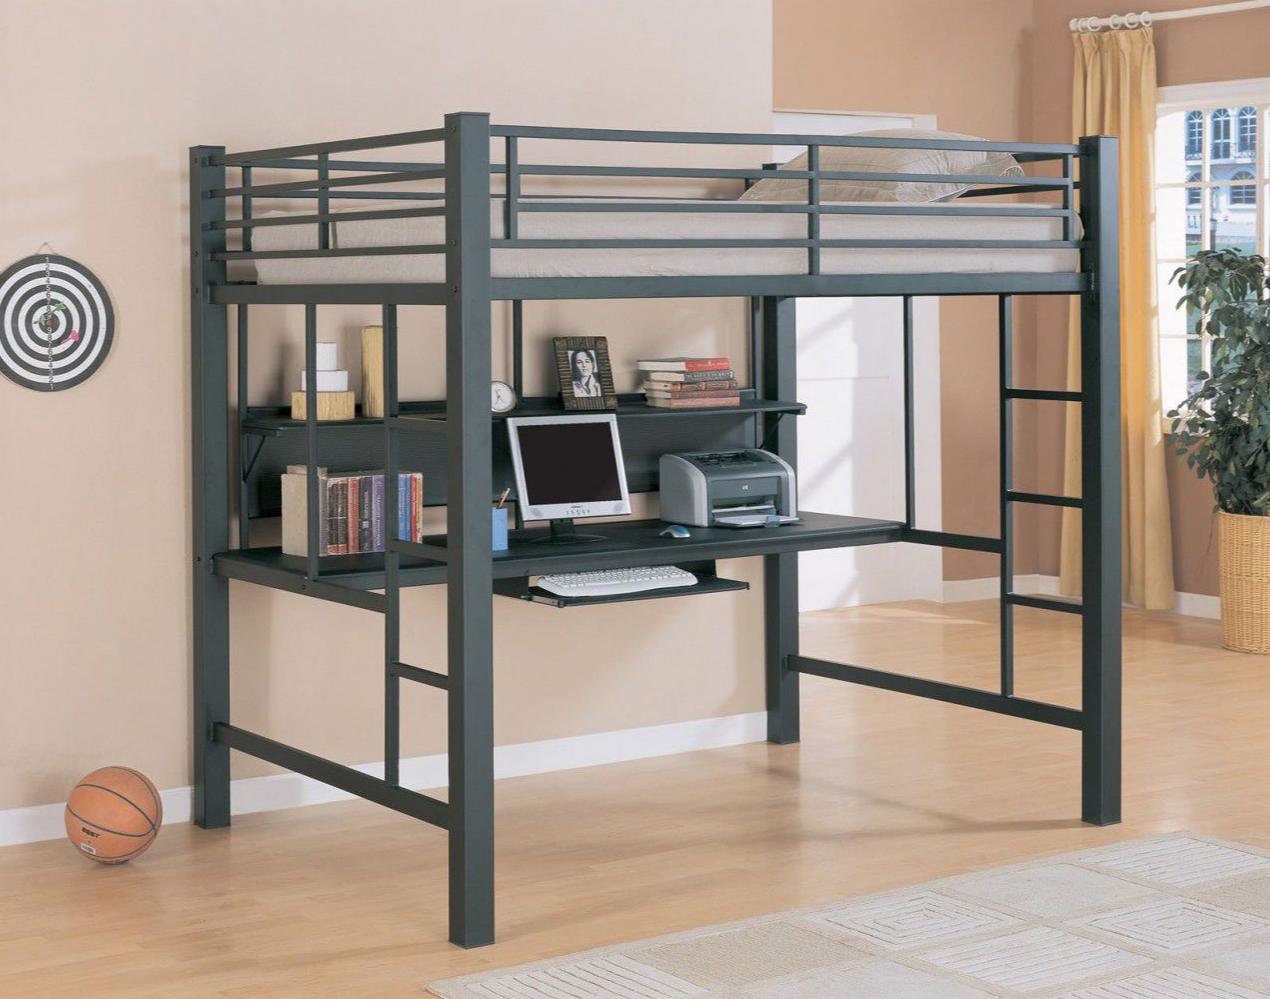 Coaster Full Metal Loft Bed With Desk Homemakers Furniture Queen Loft Beds Loft Bunk Beds Bunk Bed With Desk Full size bed with desk